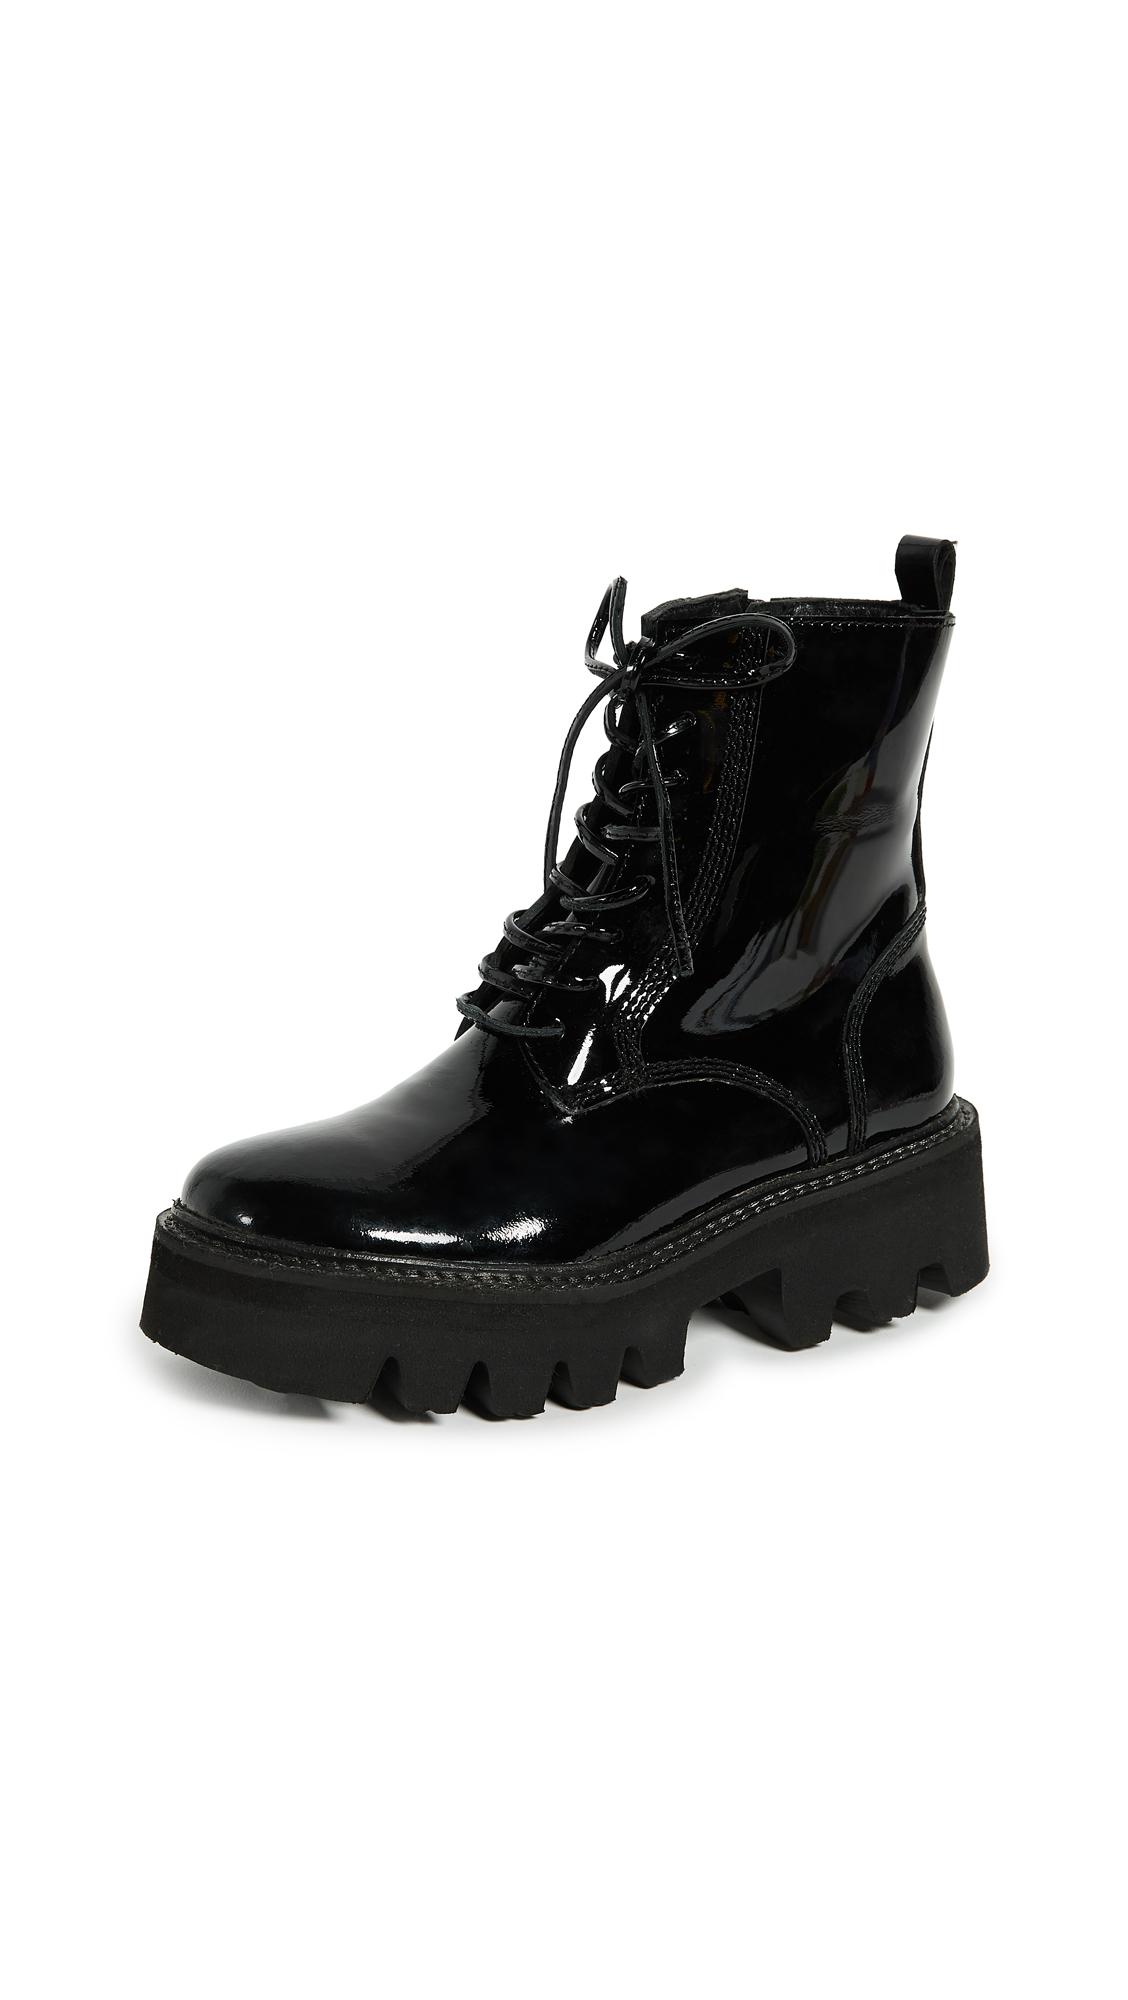 Jeffrey Campbell Agira Hiker Boots - Black